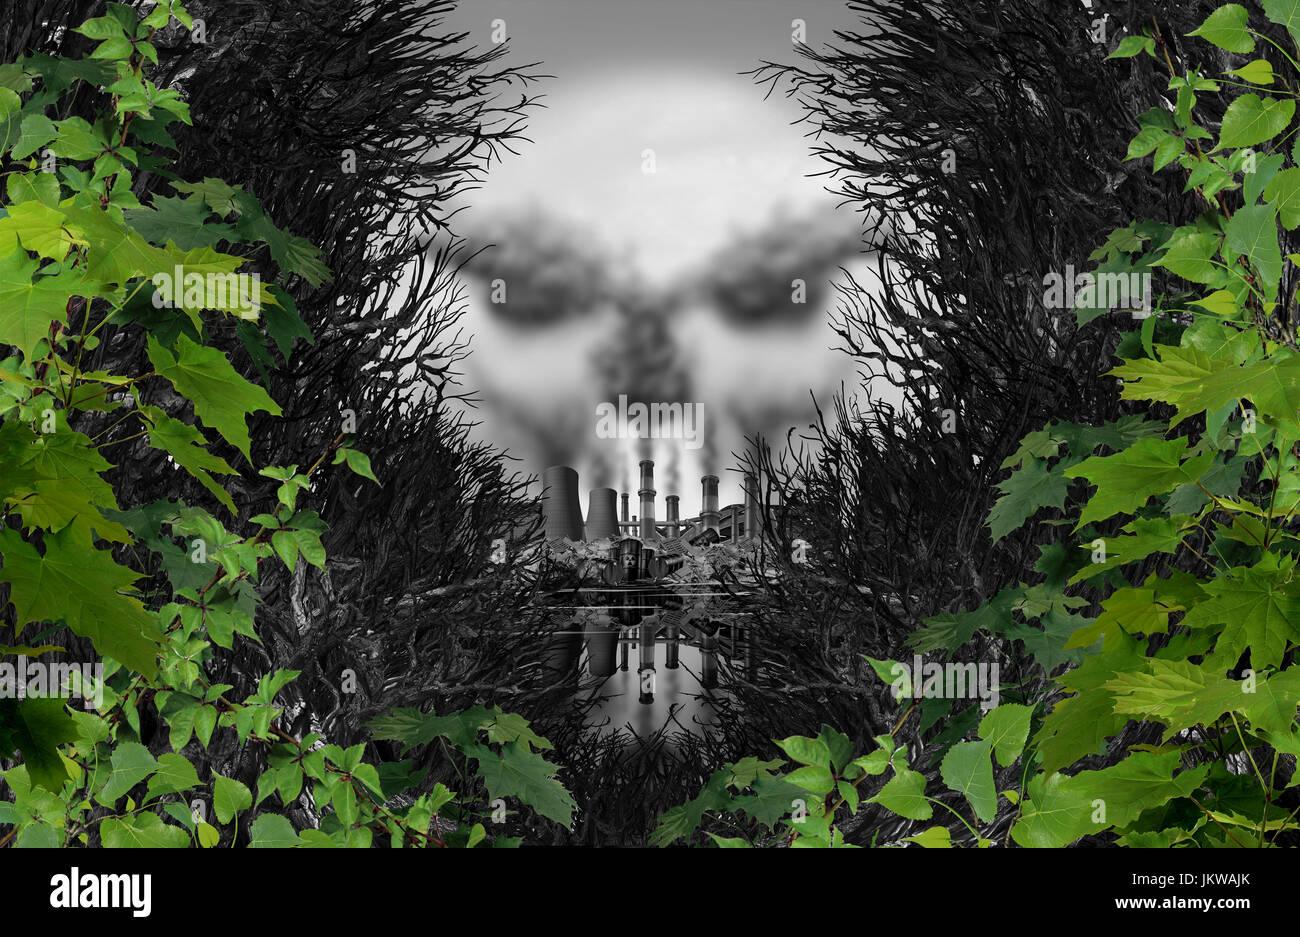 Danger poison de la pollution comme un concept industriel découvert grâce à une forêt surréaliste Photo Stock